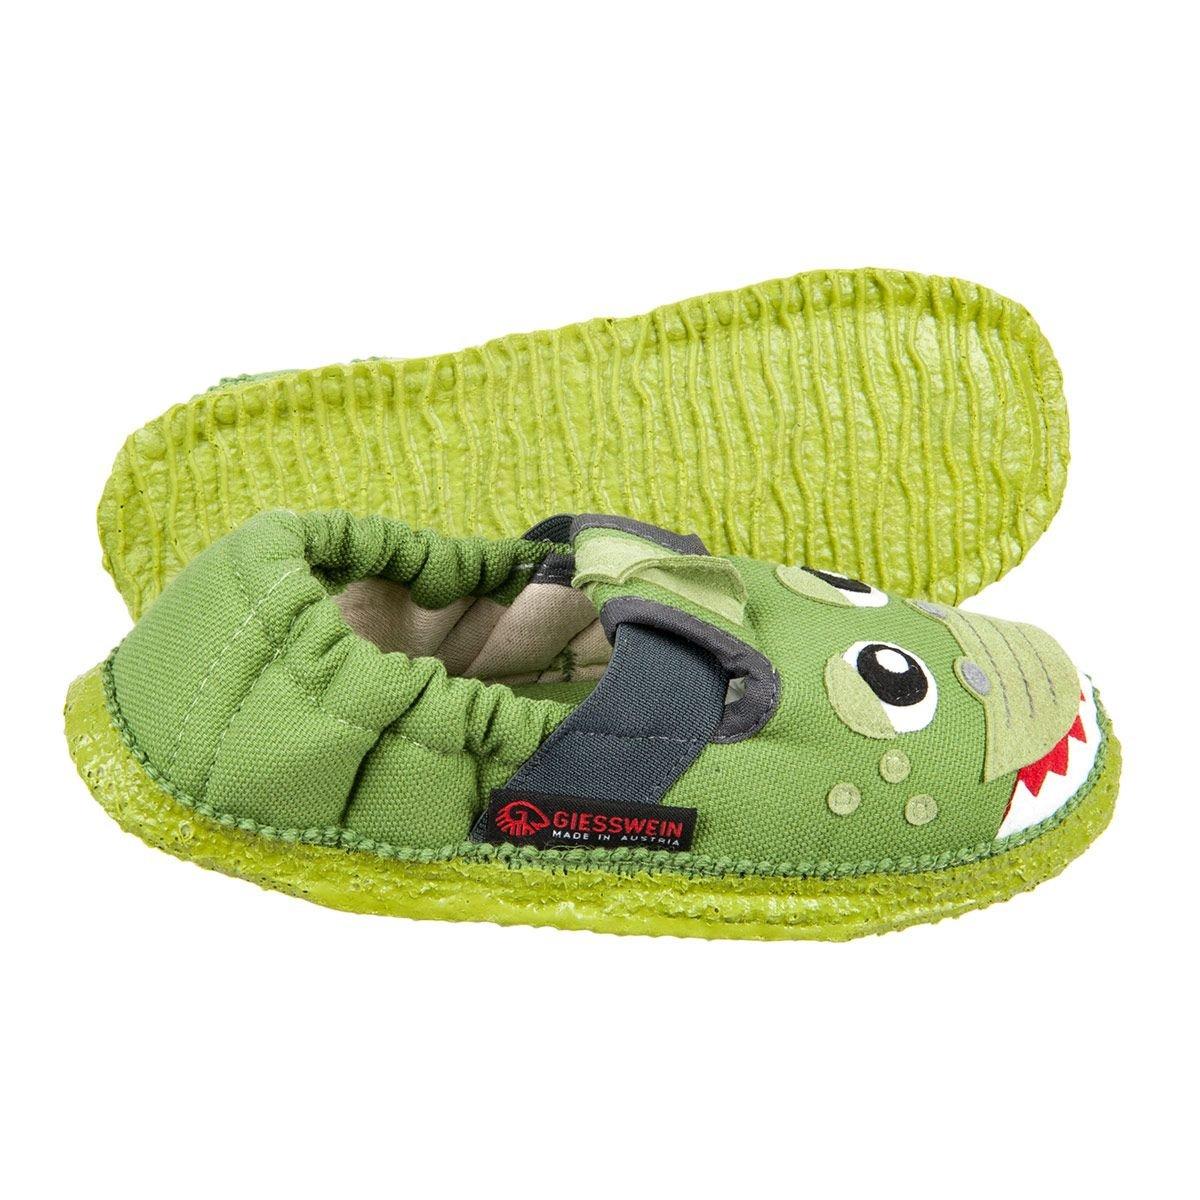 GIESSWEIN | Pantoffeln Baumwolle für Kids mit Krokodil Motiv